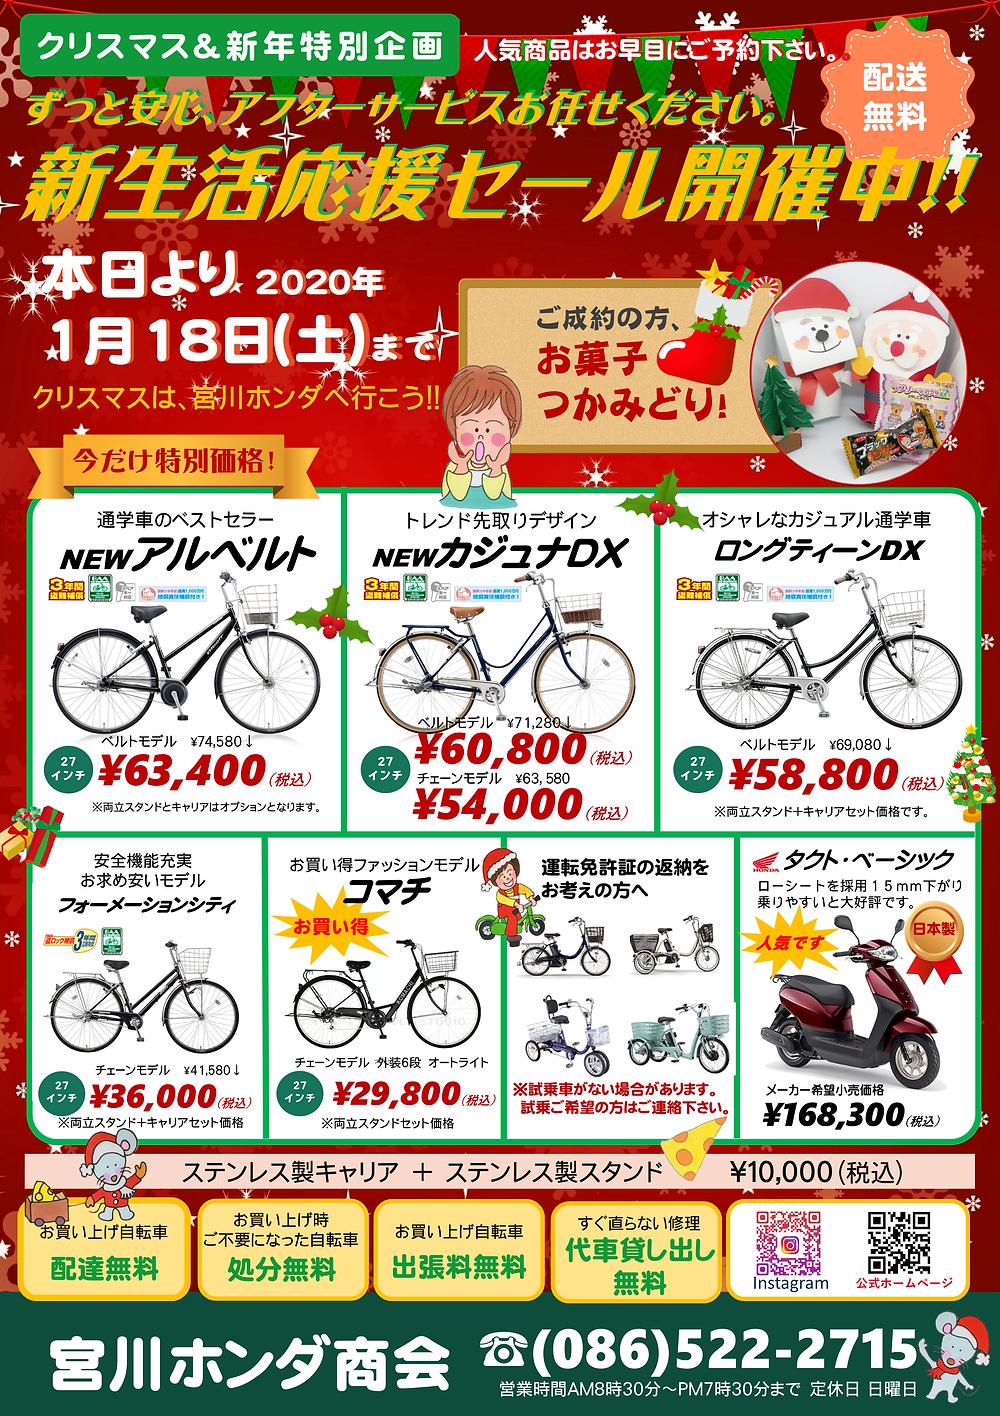 自転車セール情報(通学車)